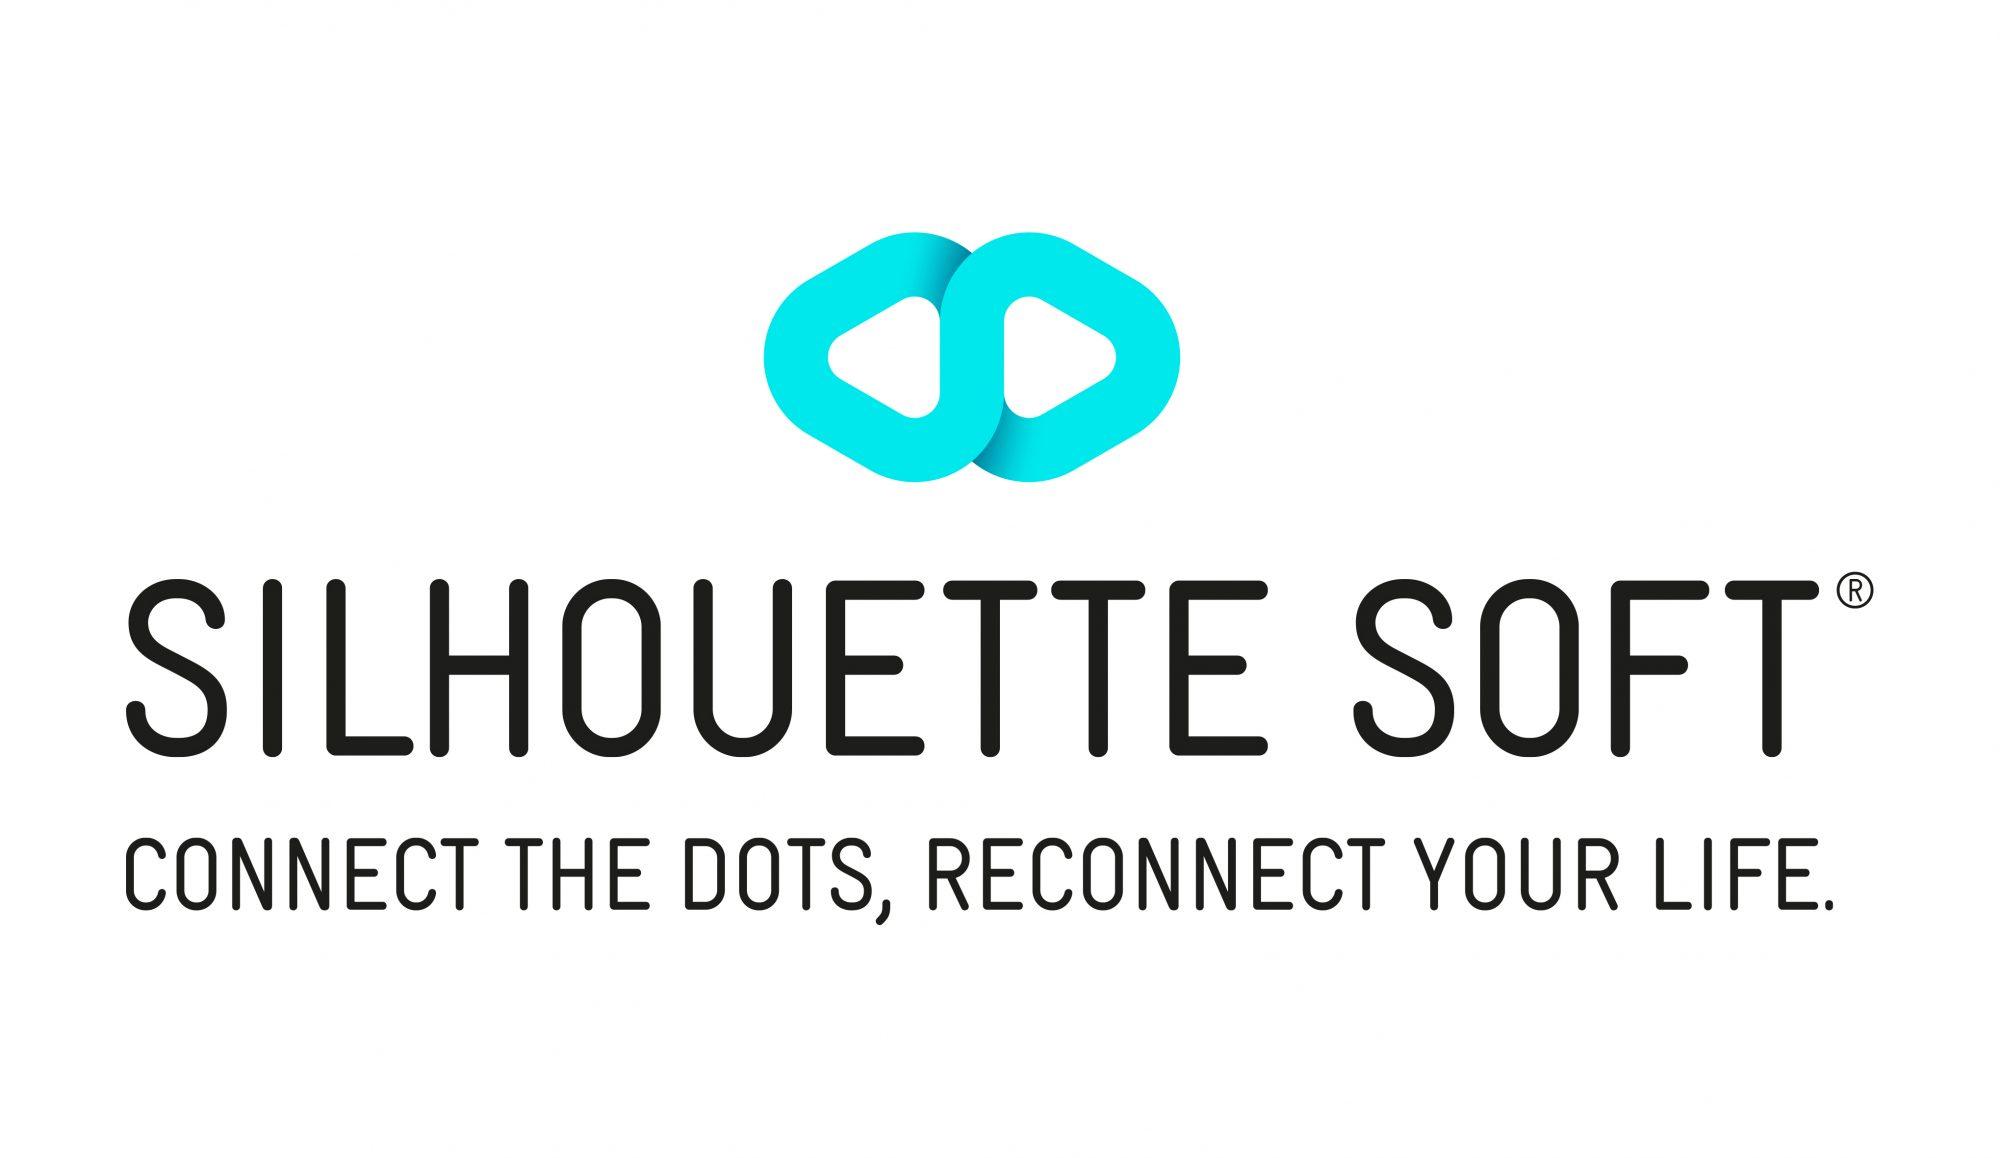 SILHOUETTE-SOFT-ALTA